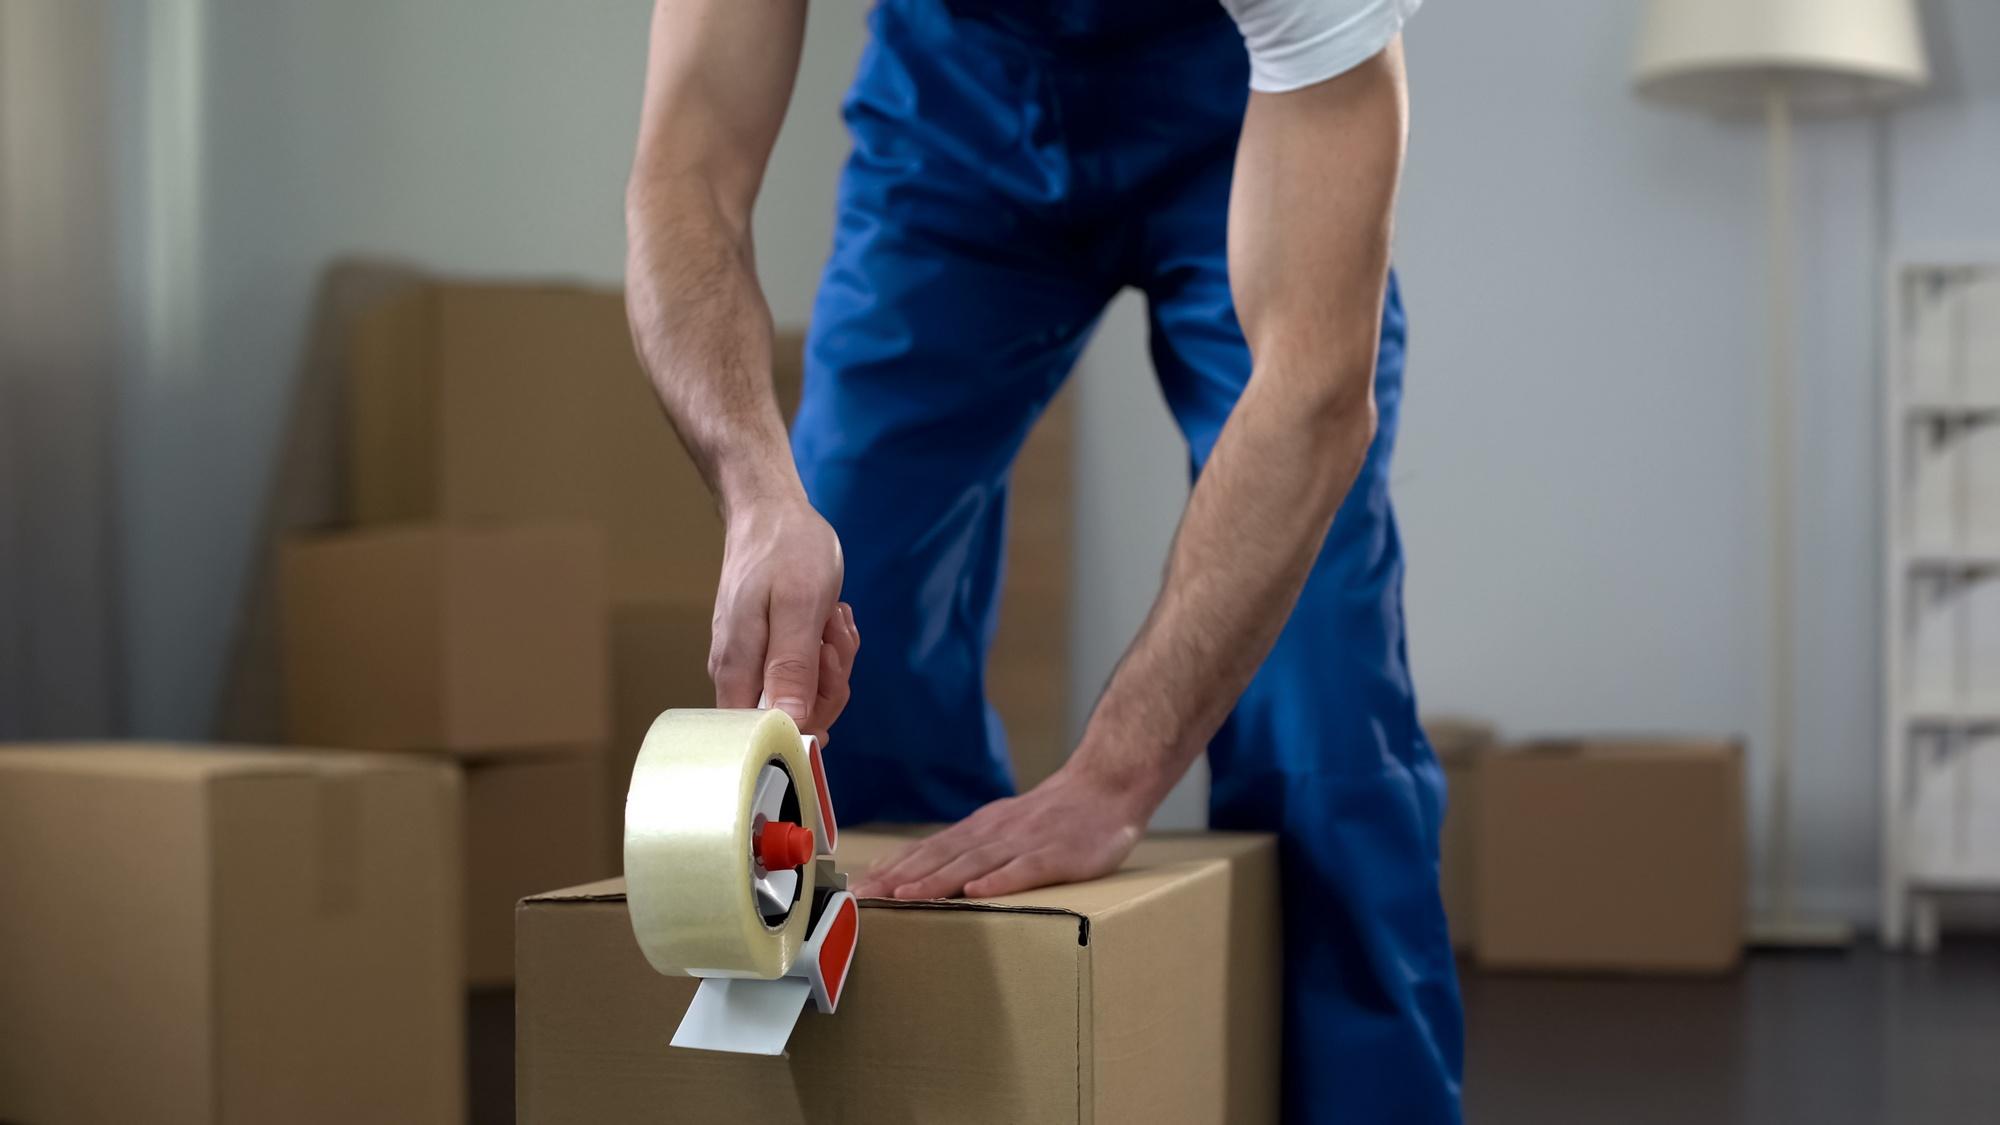 Aide déménagements